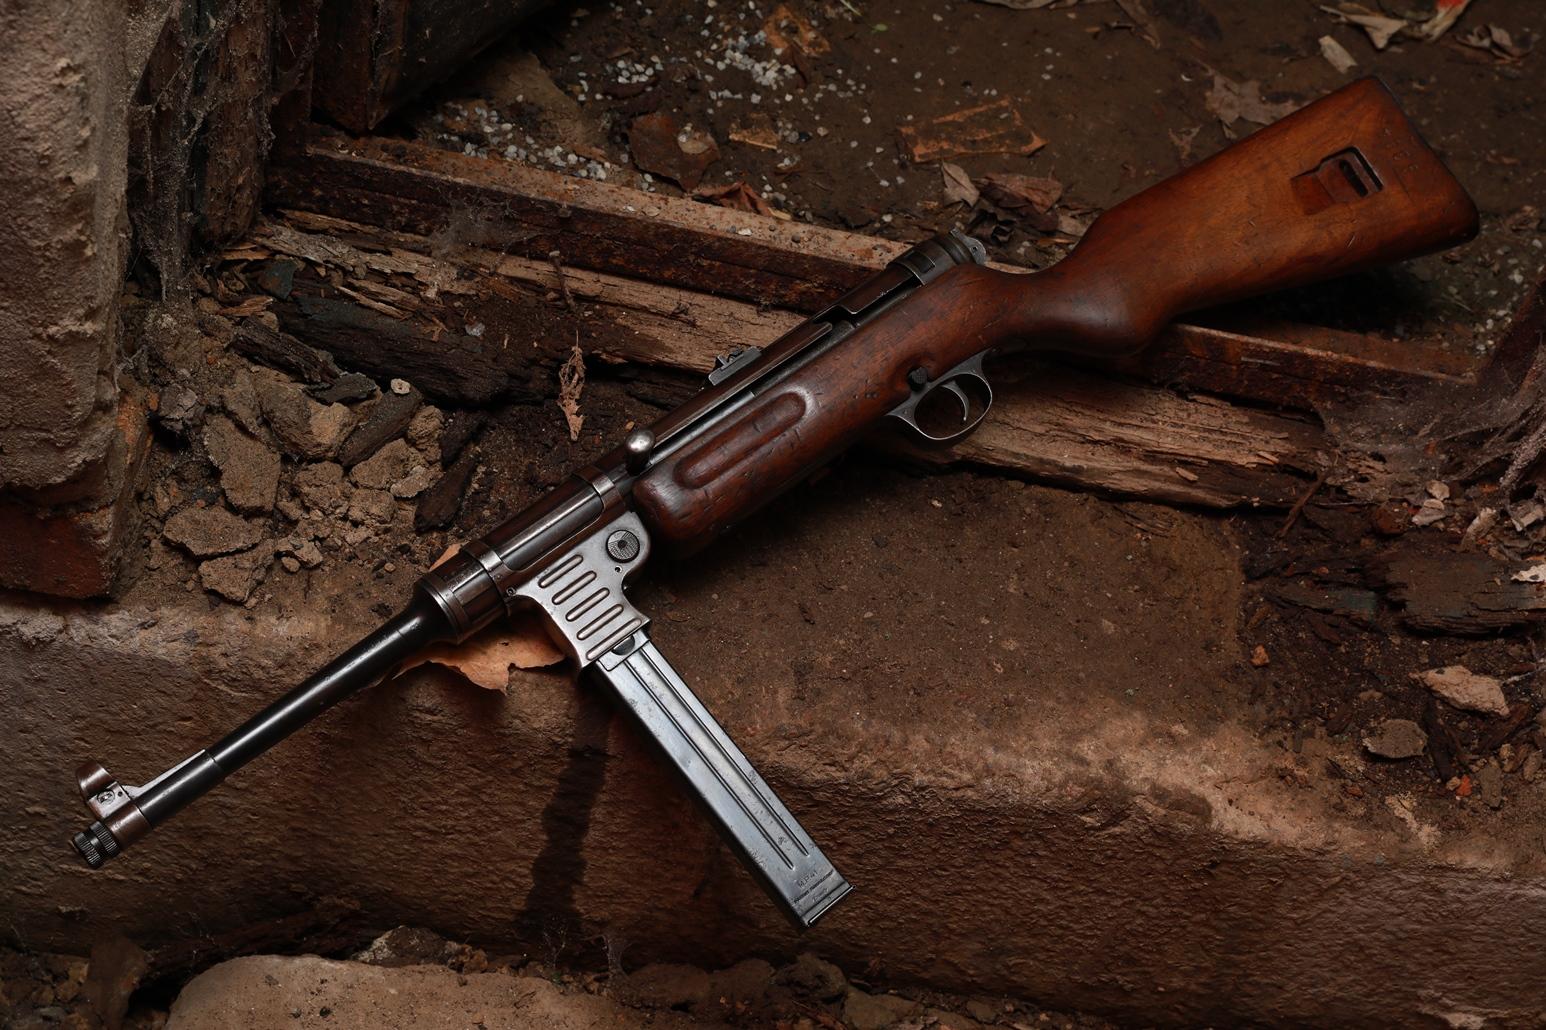 Охолощенный немецкий пистолет-пулемет M.P. 41 №21593